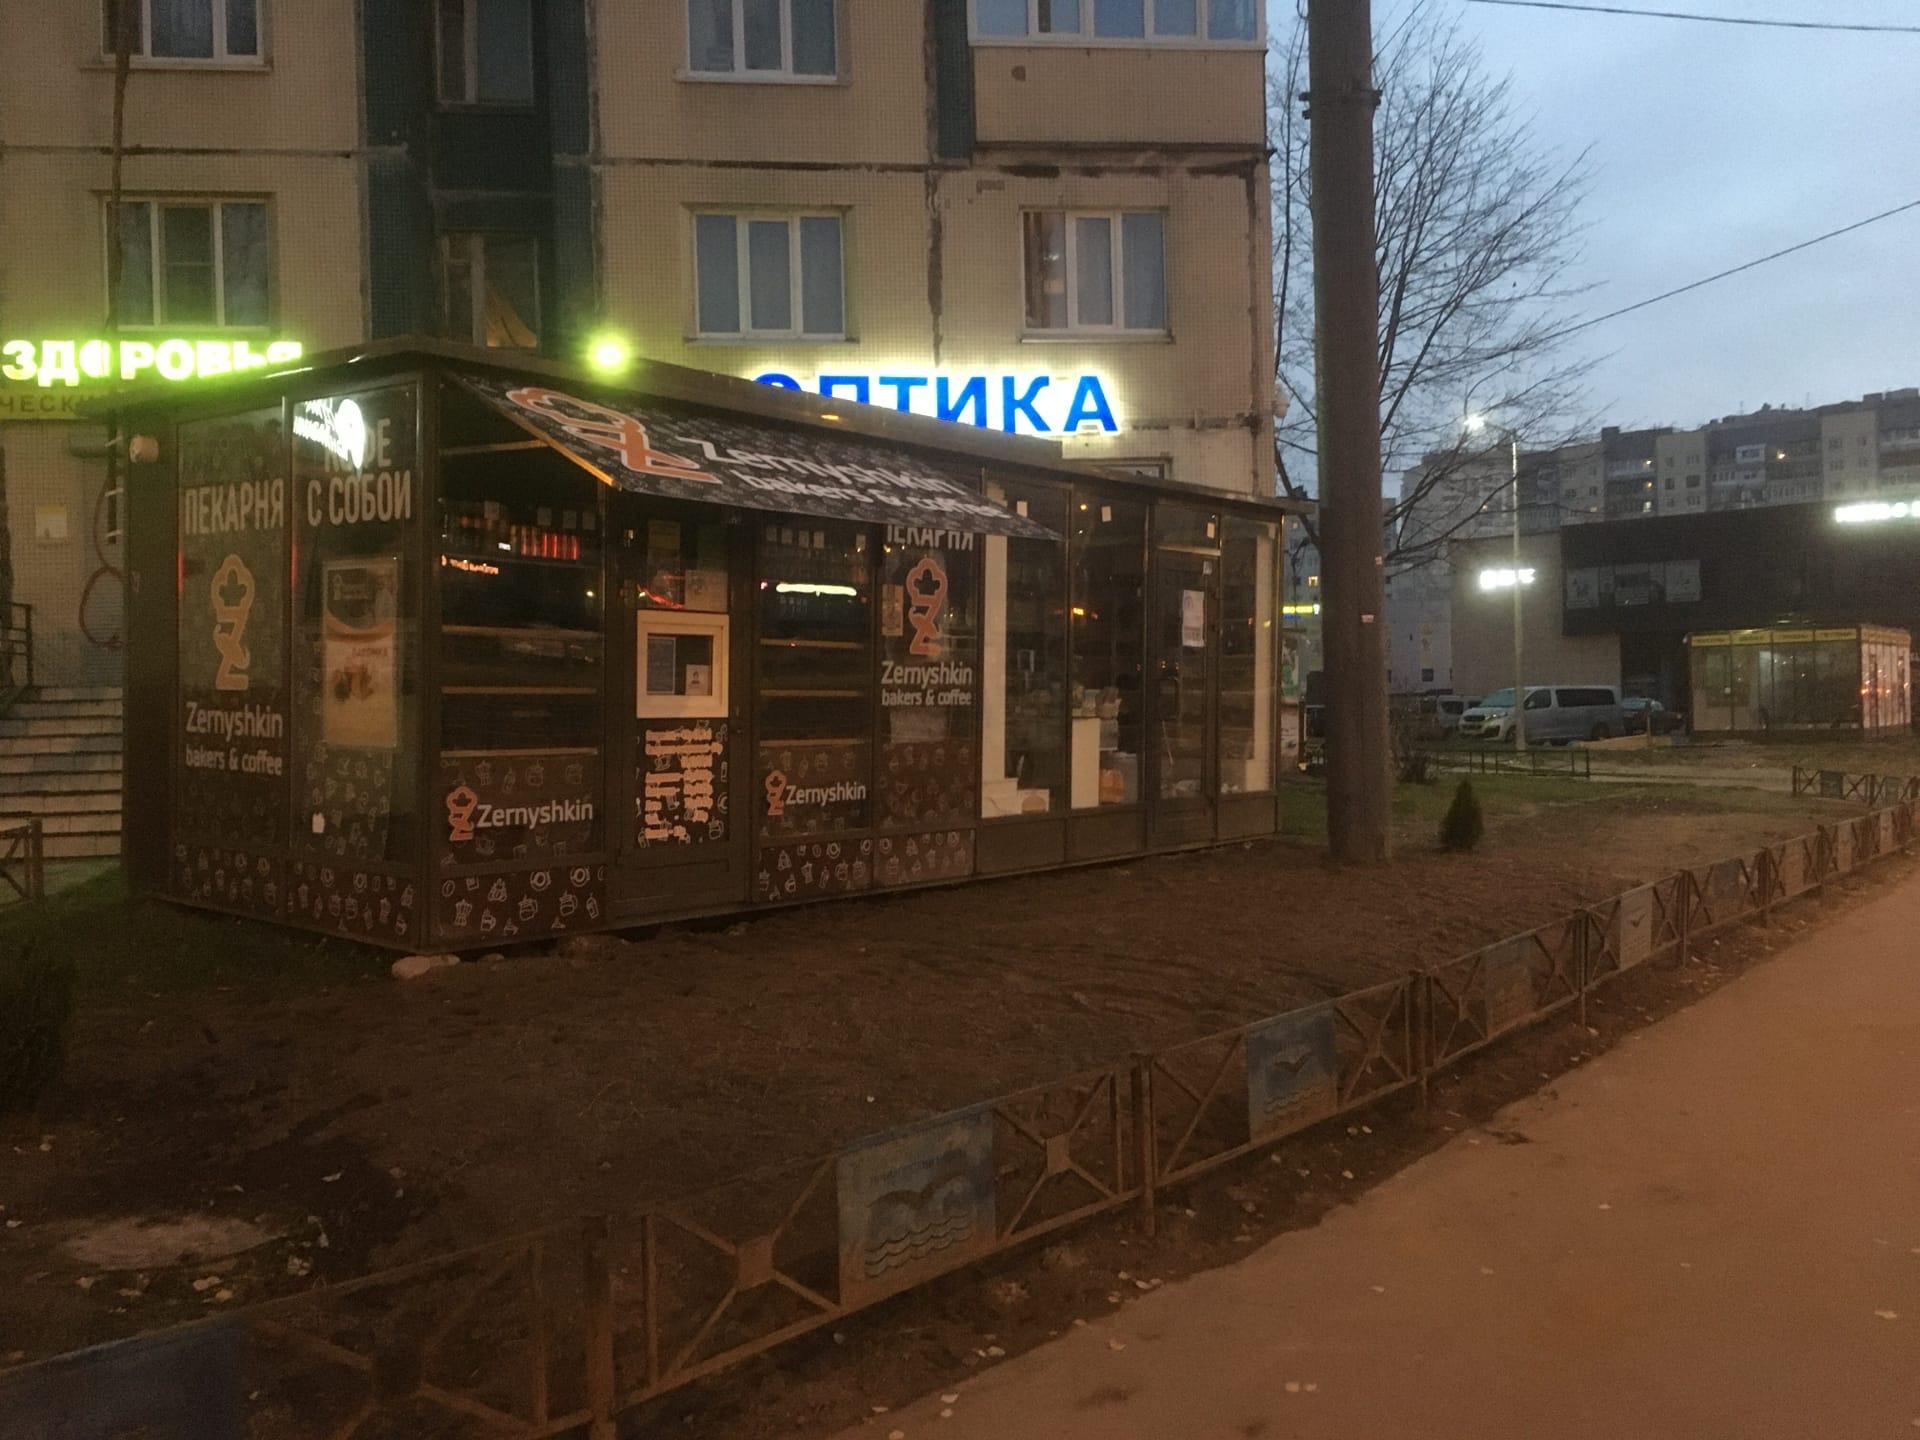 Цед не занимается проблемой незаконных торговых точек в Приморском районе СПб